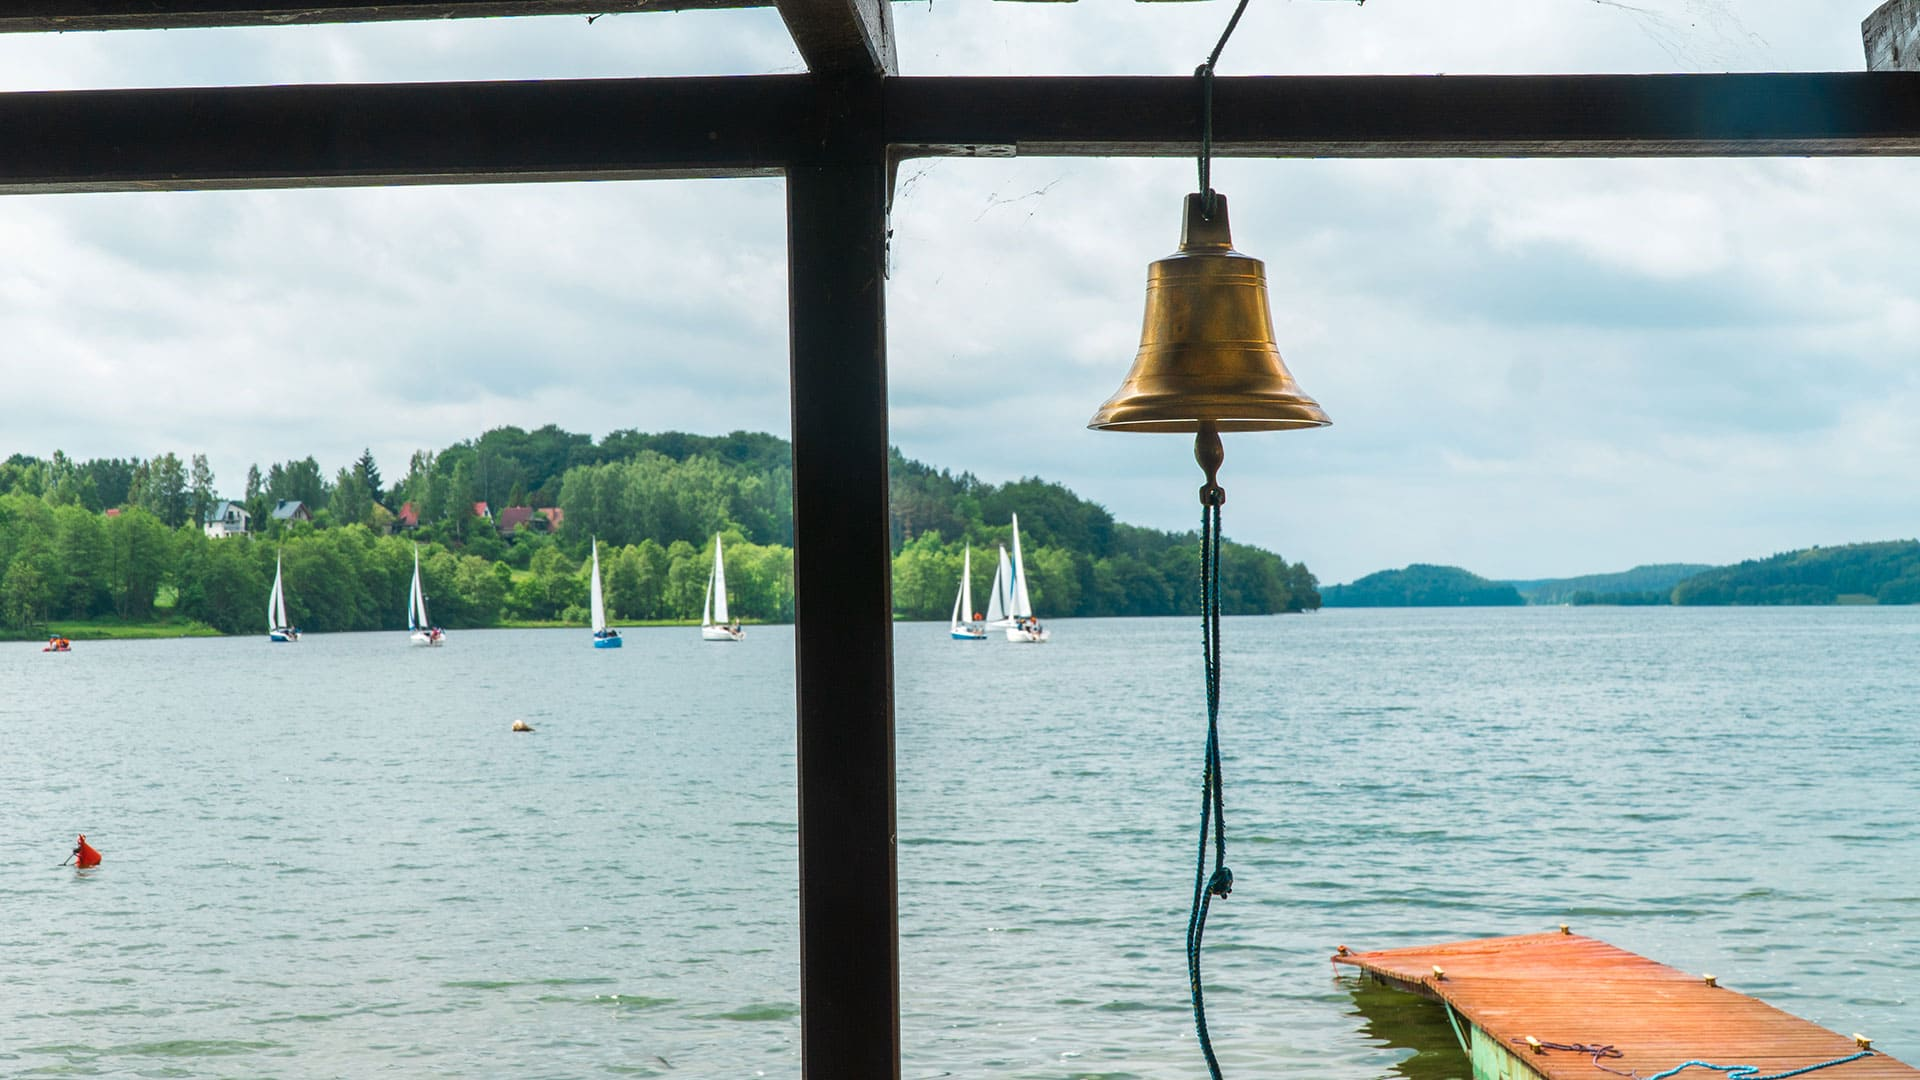 widok z przystani na jezioro raduńskie z jachtami